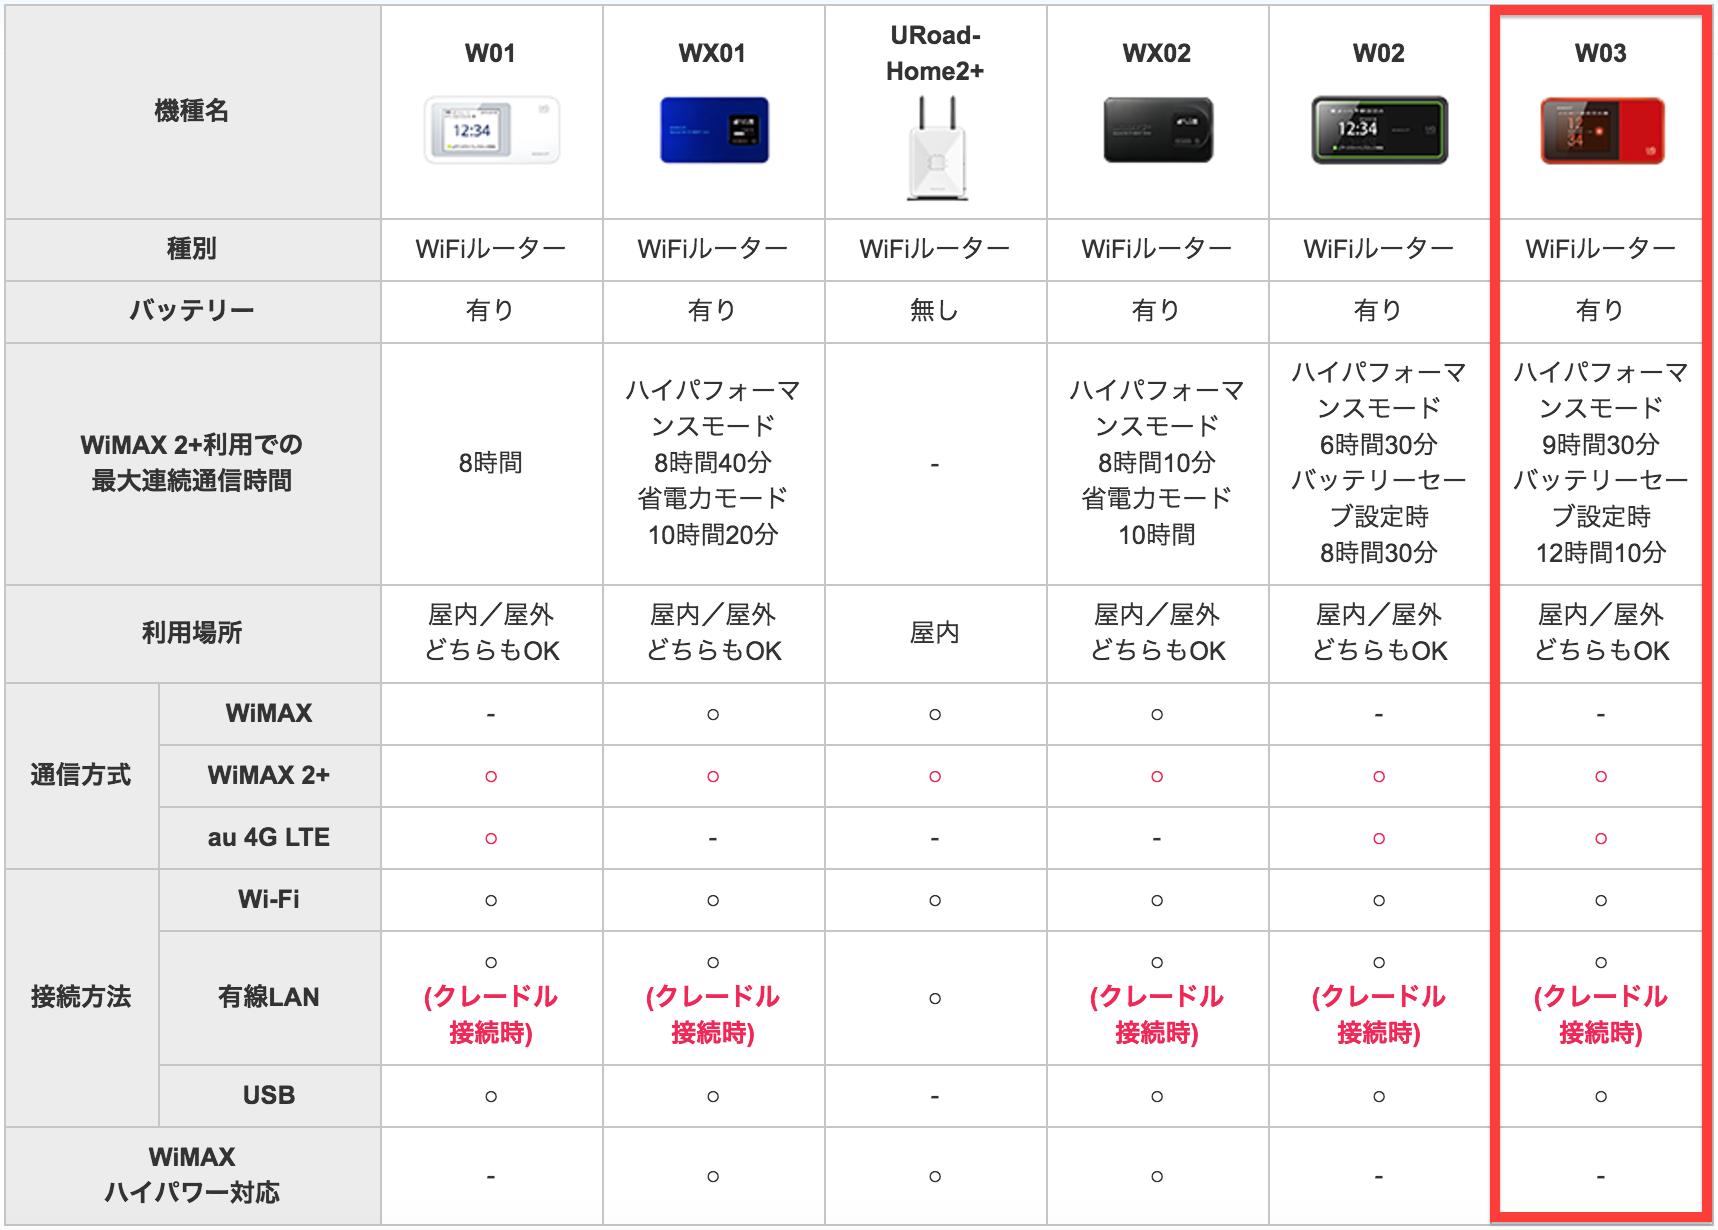 WiMAX お試し レンタル 機器比較 20161015